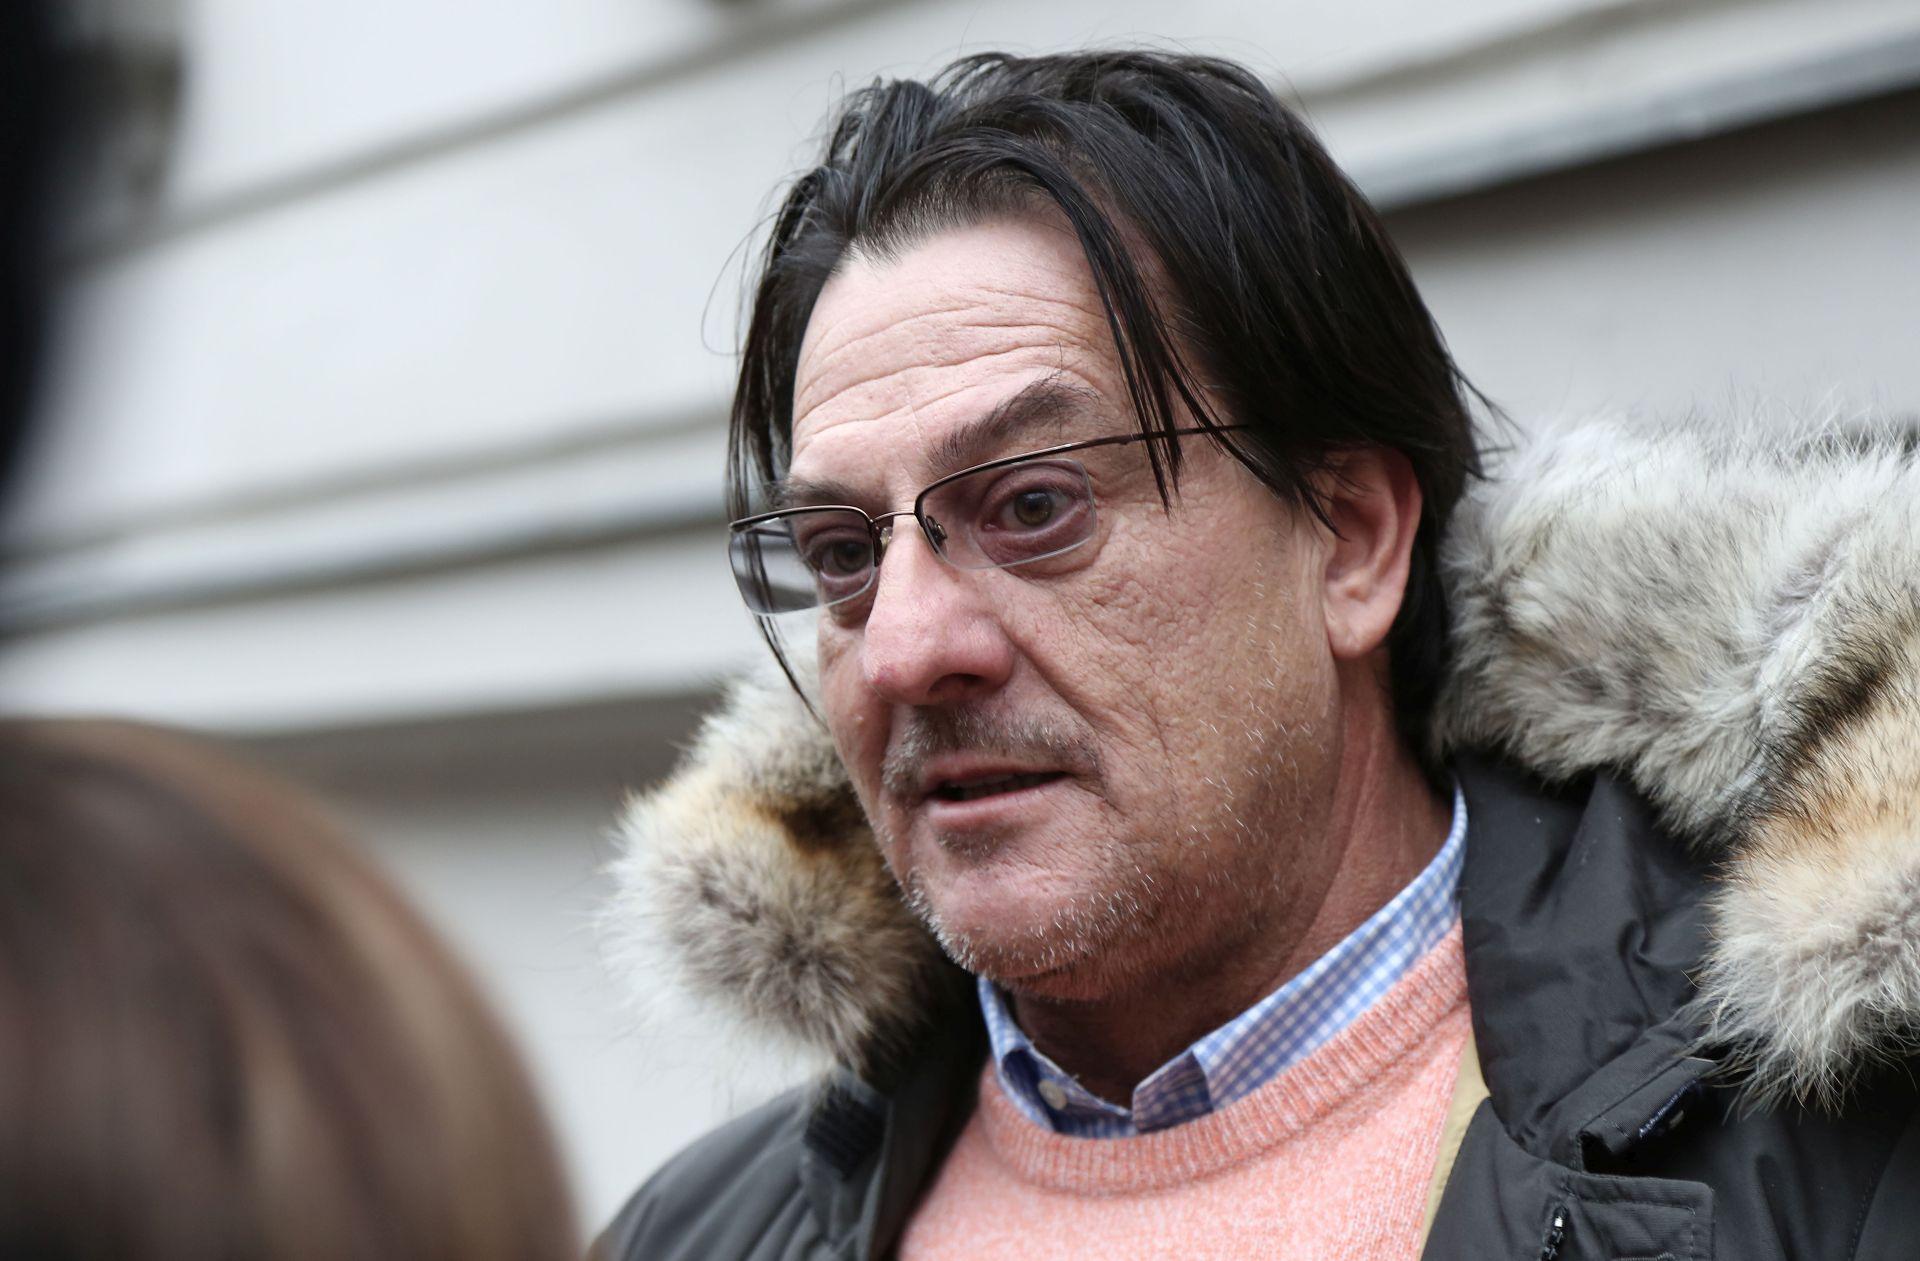 POTRES NA RUJEVICI Mišković sutra podnosi ostavke na sve funkcije?